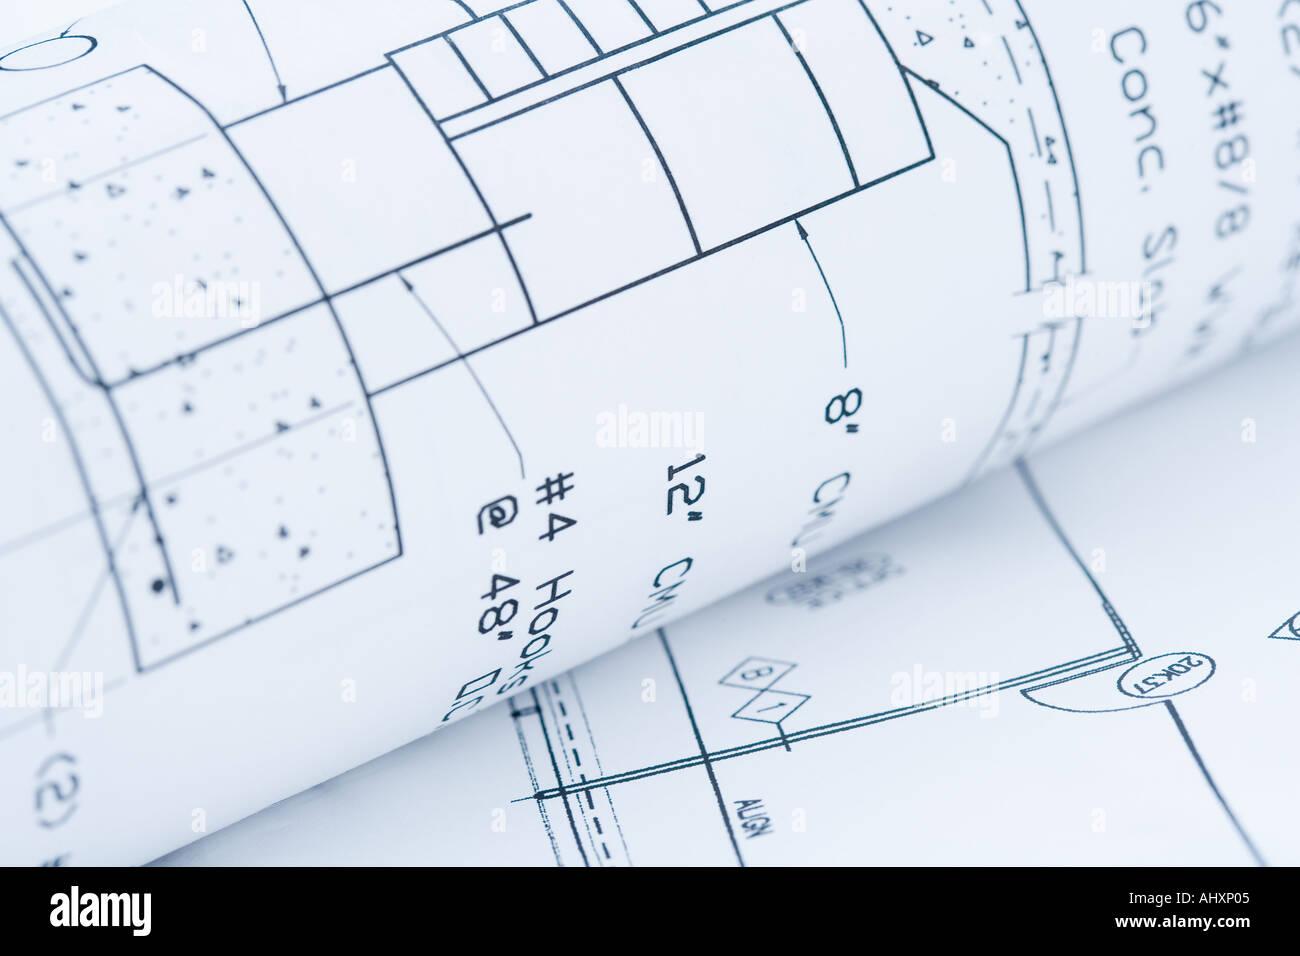 Closeup of blueprints - Stock Image